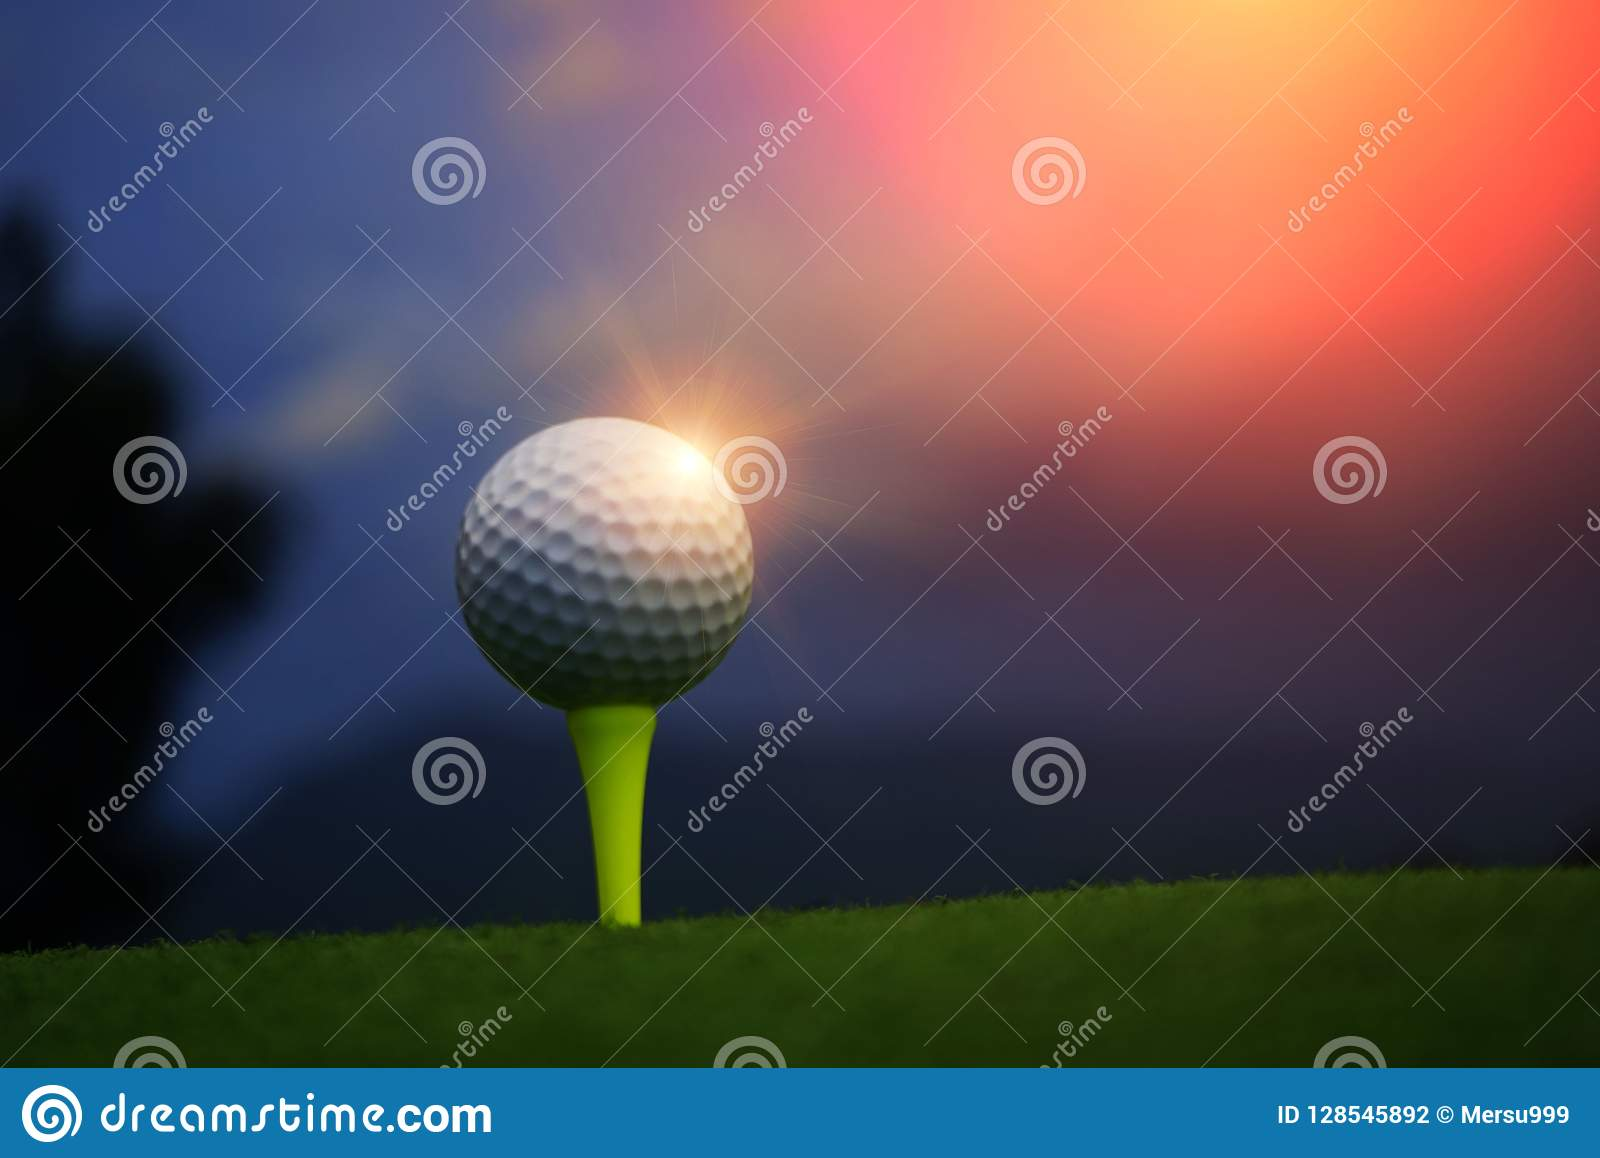 Golfboll på utslagsplats i härlig golfbana på solnedgångbakgrund